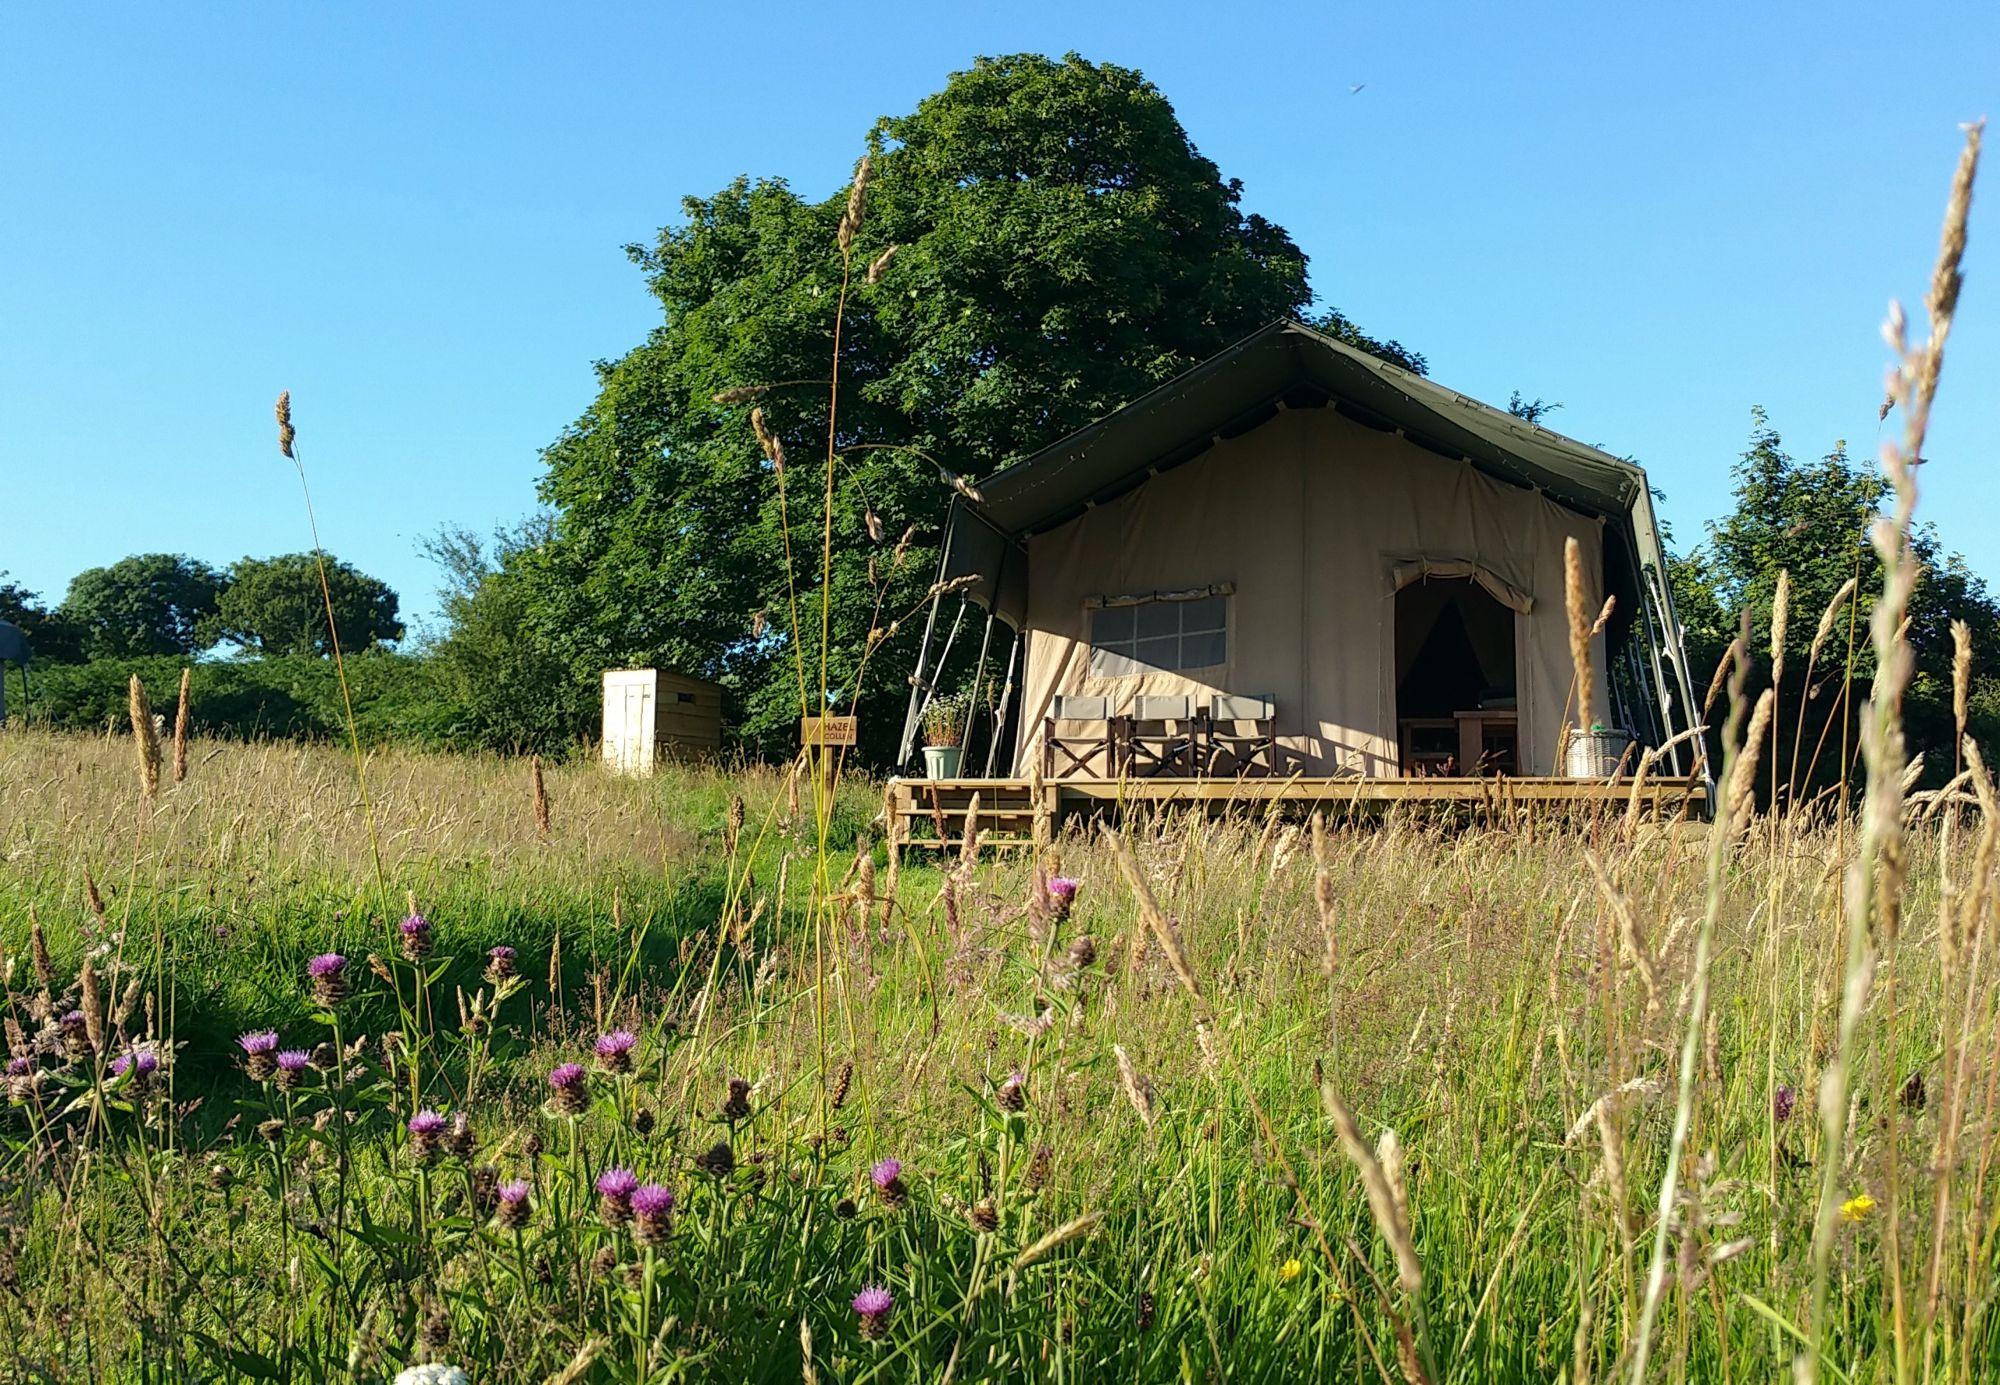 Campsites in the Preseli Hills, Pembrokeshire